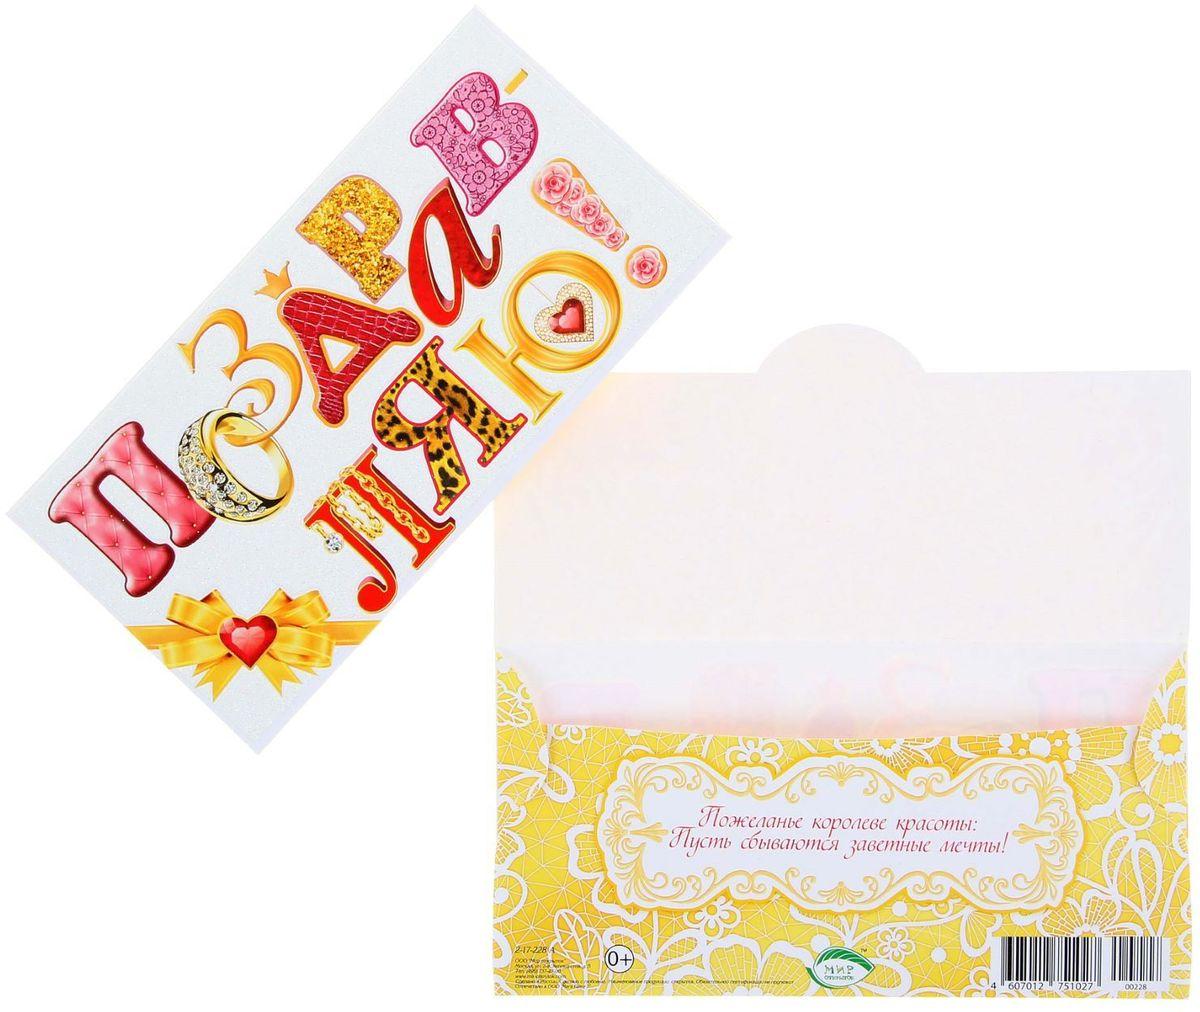 Конверт для денег Мир открыток Подарок!, цвет: розовый1113238_розовыйКонверт для денег Мир открыток Подарок!, цвет: розовый